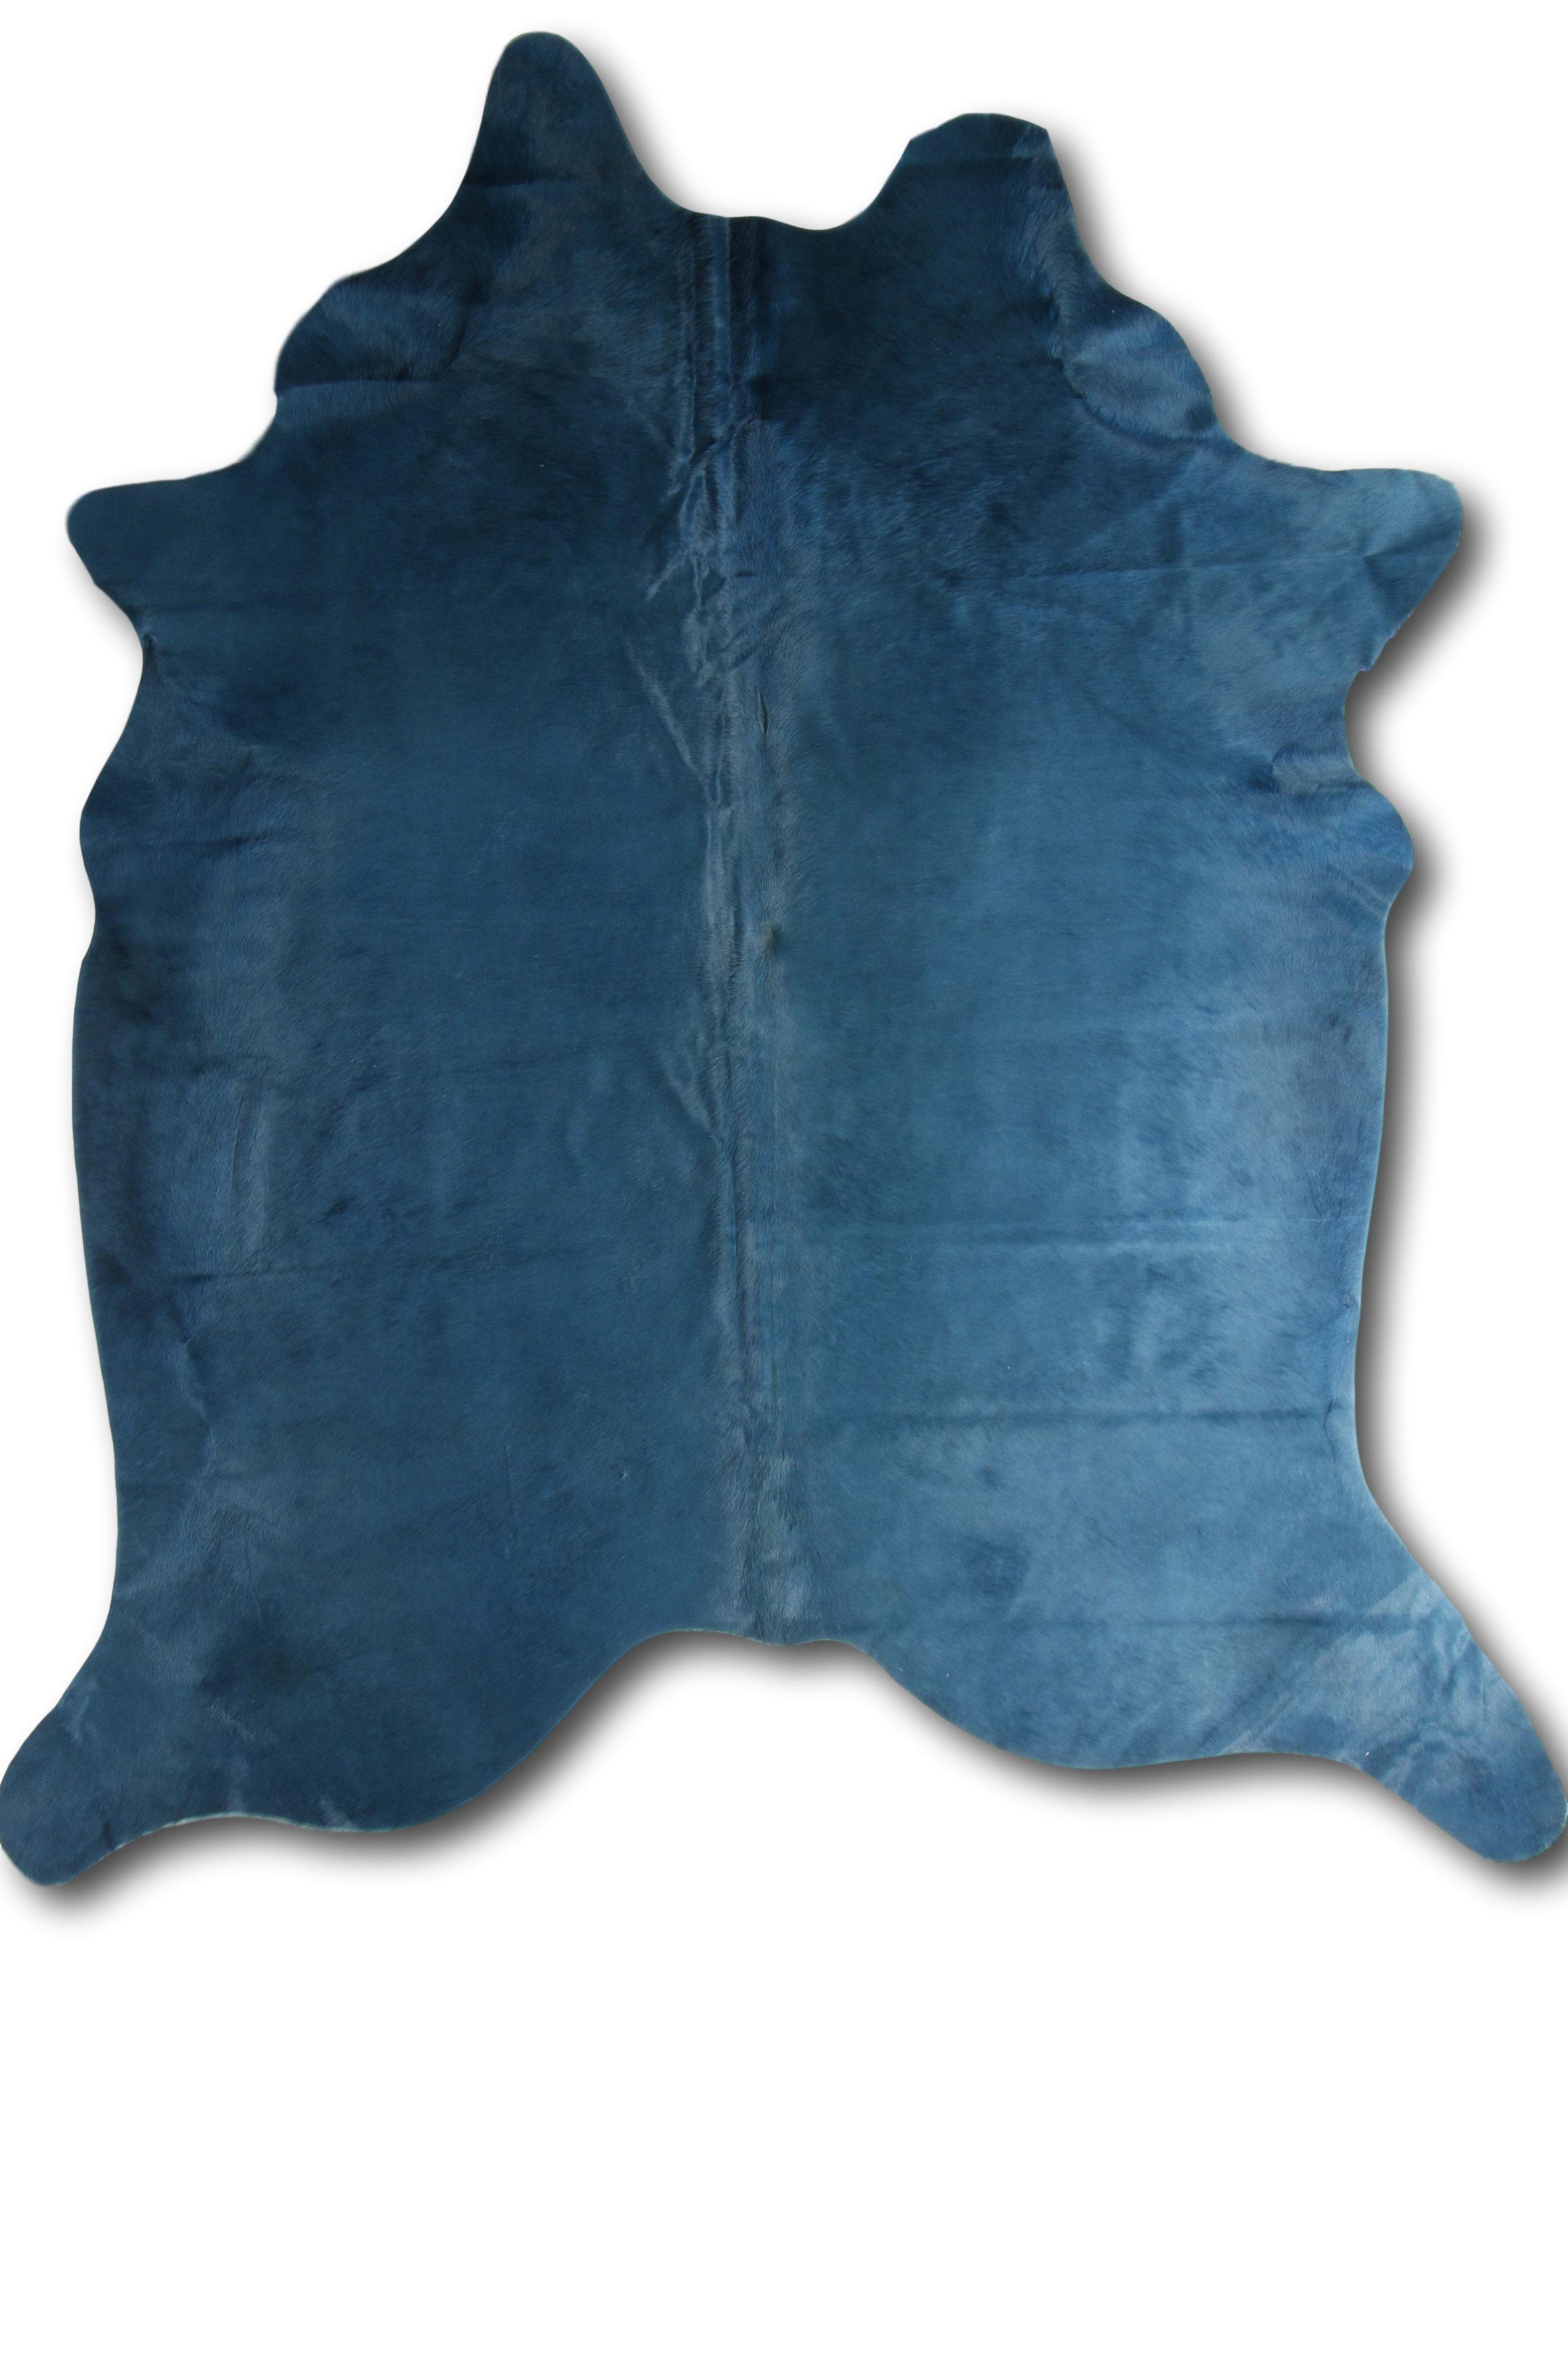 Tapis en peau de vache coloré blue 180x200